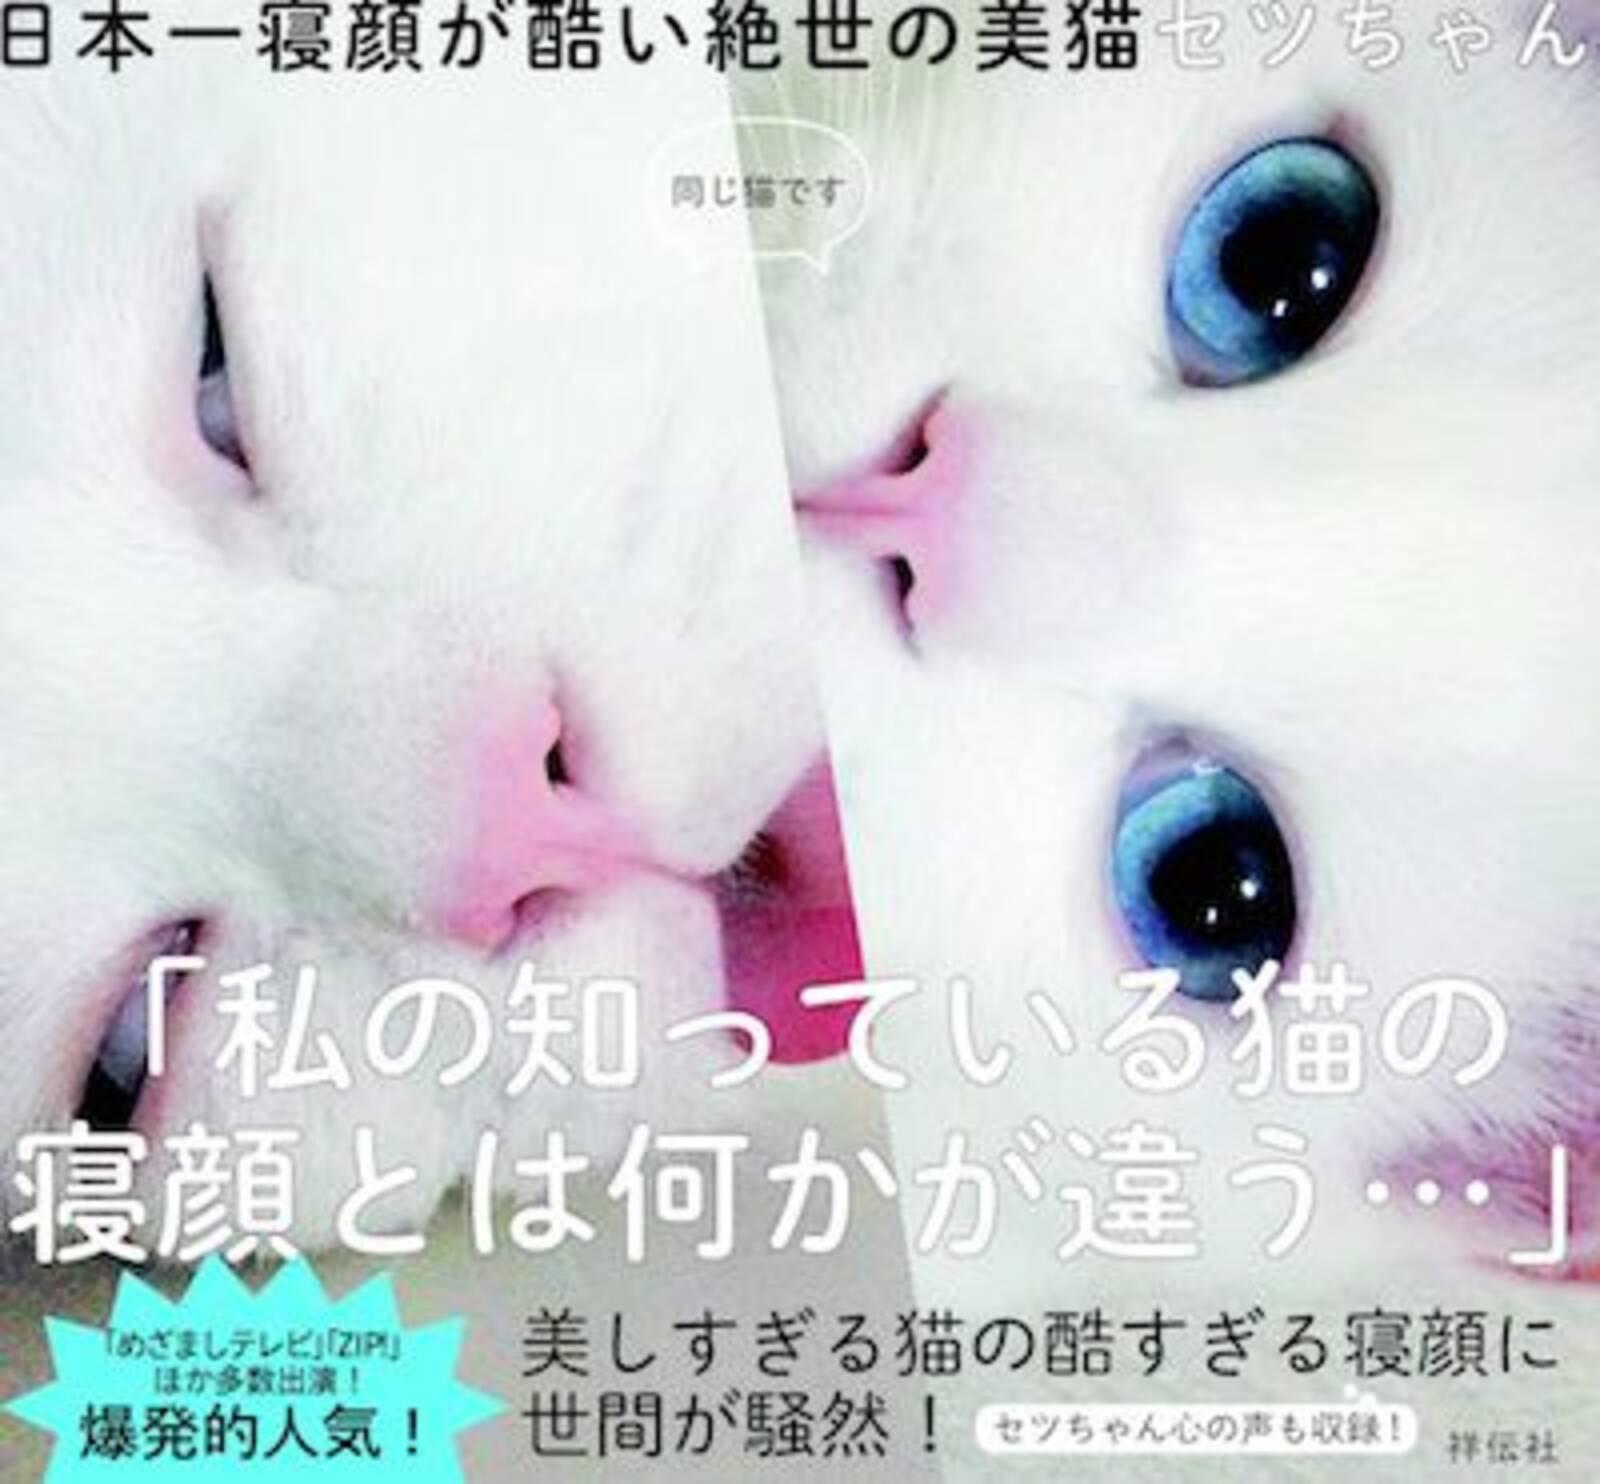 天使と悪魔の顔を持つスター猫・セツちゃんの写真集がついに登場! - Excite Bit コネタ(1/3)